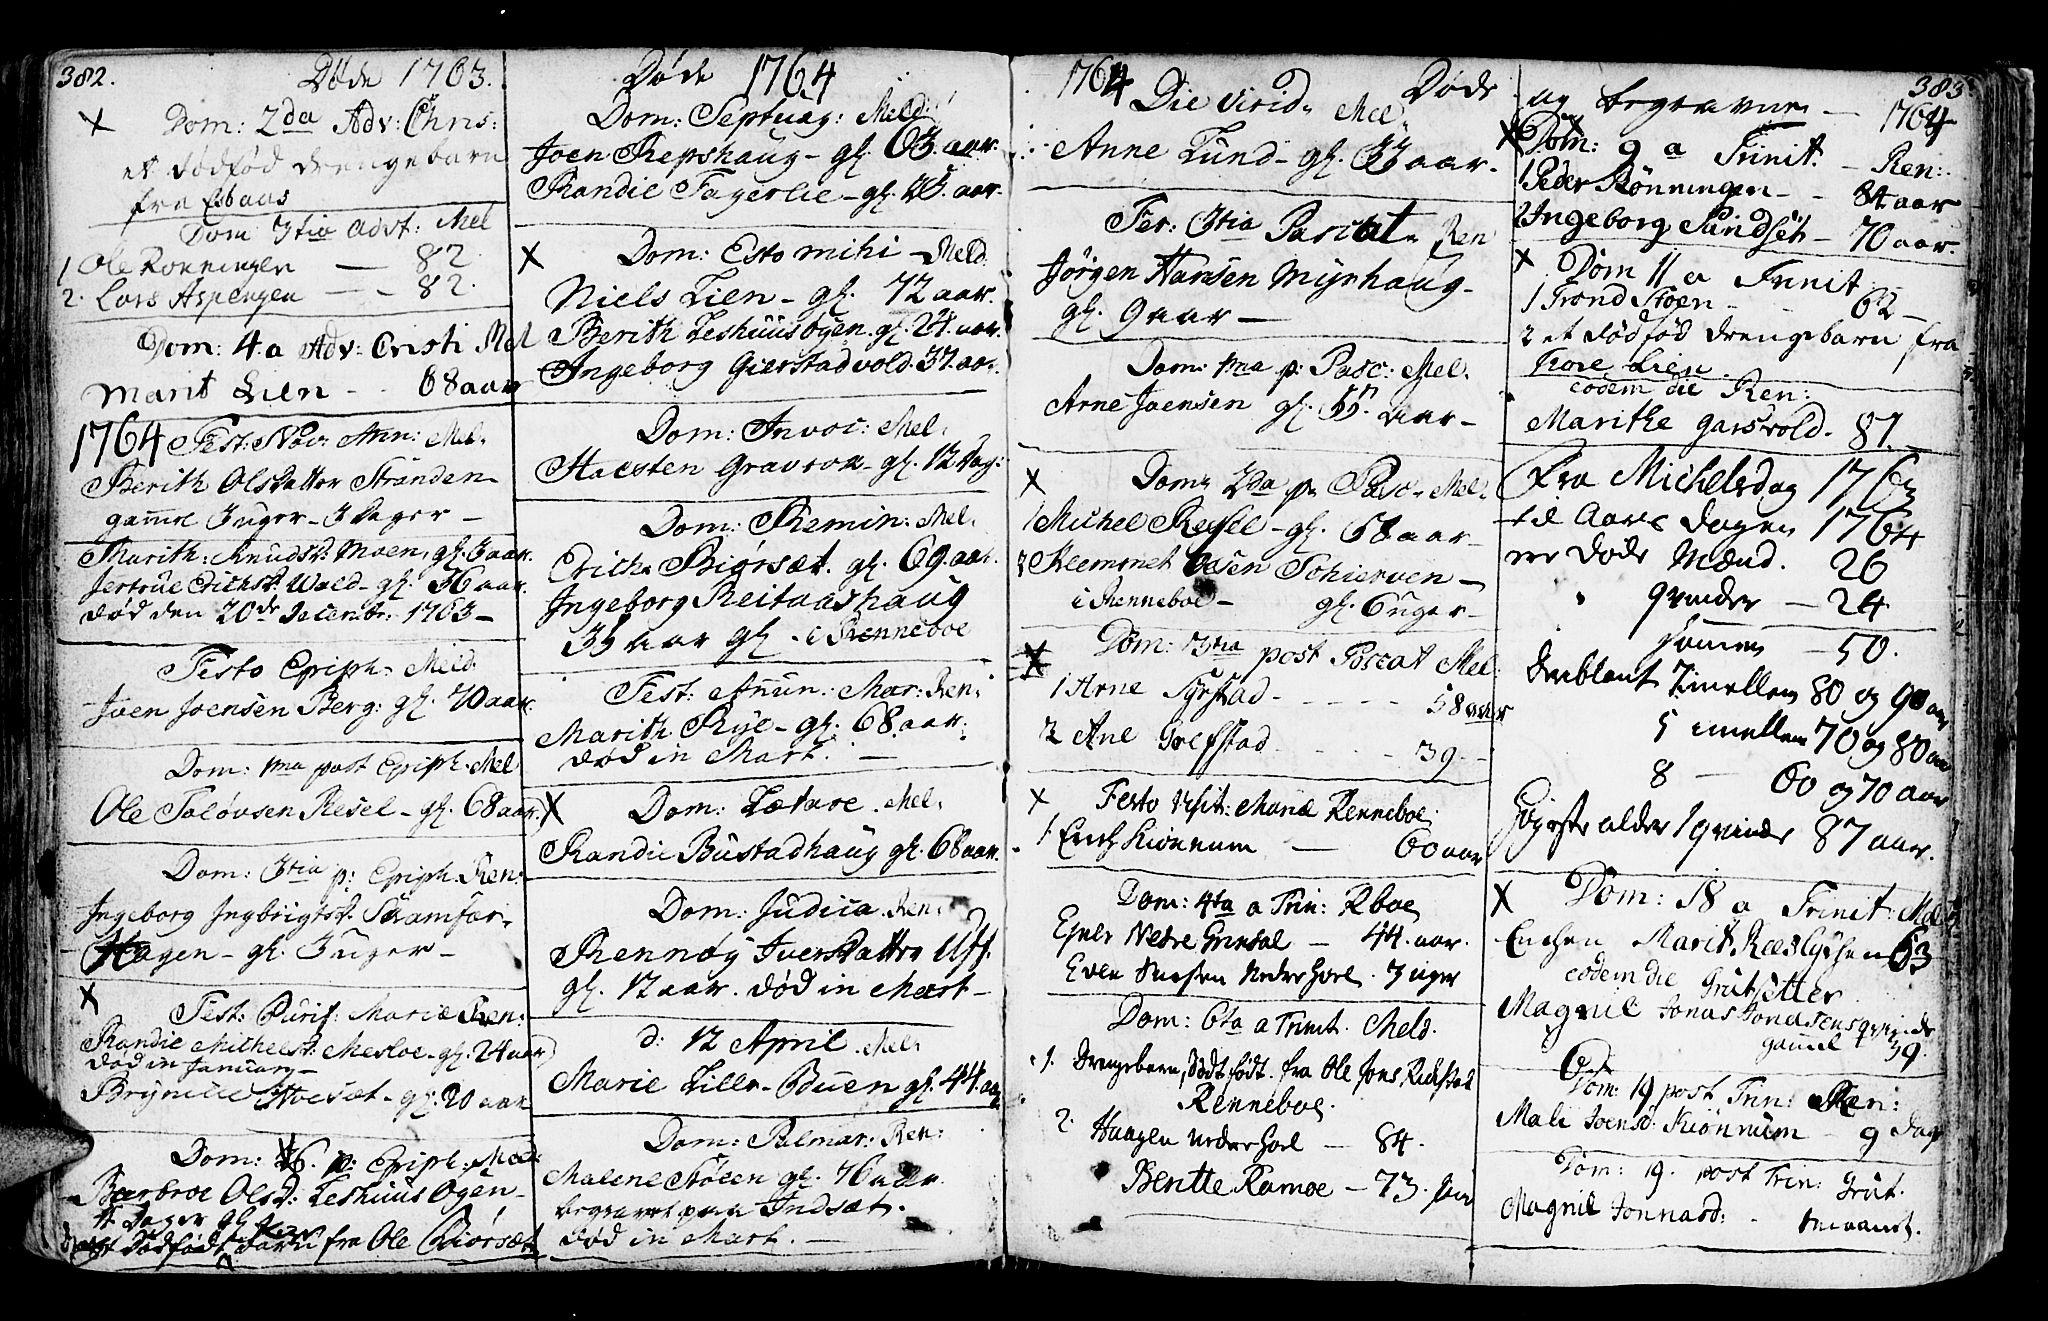 SAT, Ministerialprotokoller, klokkerbøker og fødselsregistre - Sør-Trøndelag, 672/L0851: Ministerialbok nr. 672A04, 1751-1775, s. 382-383